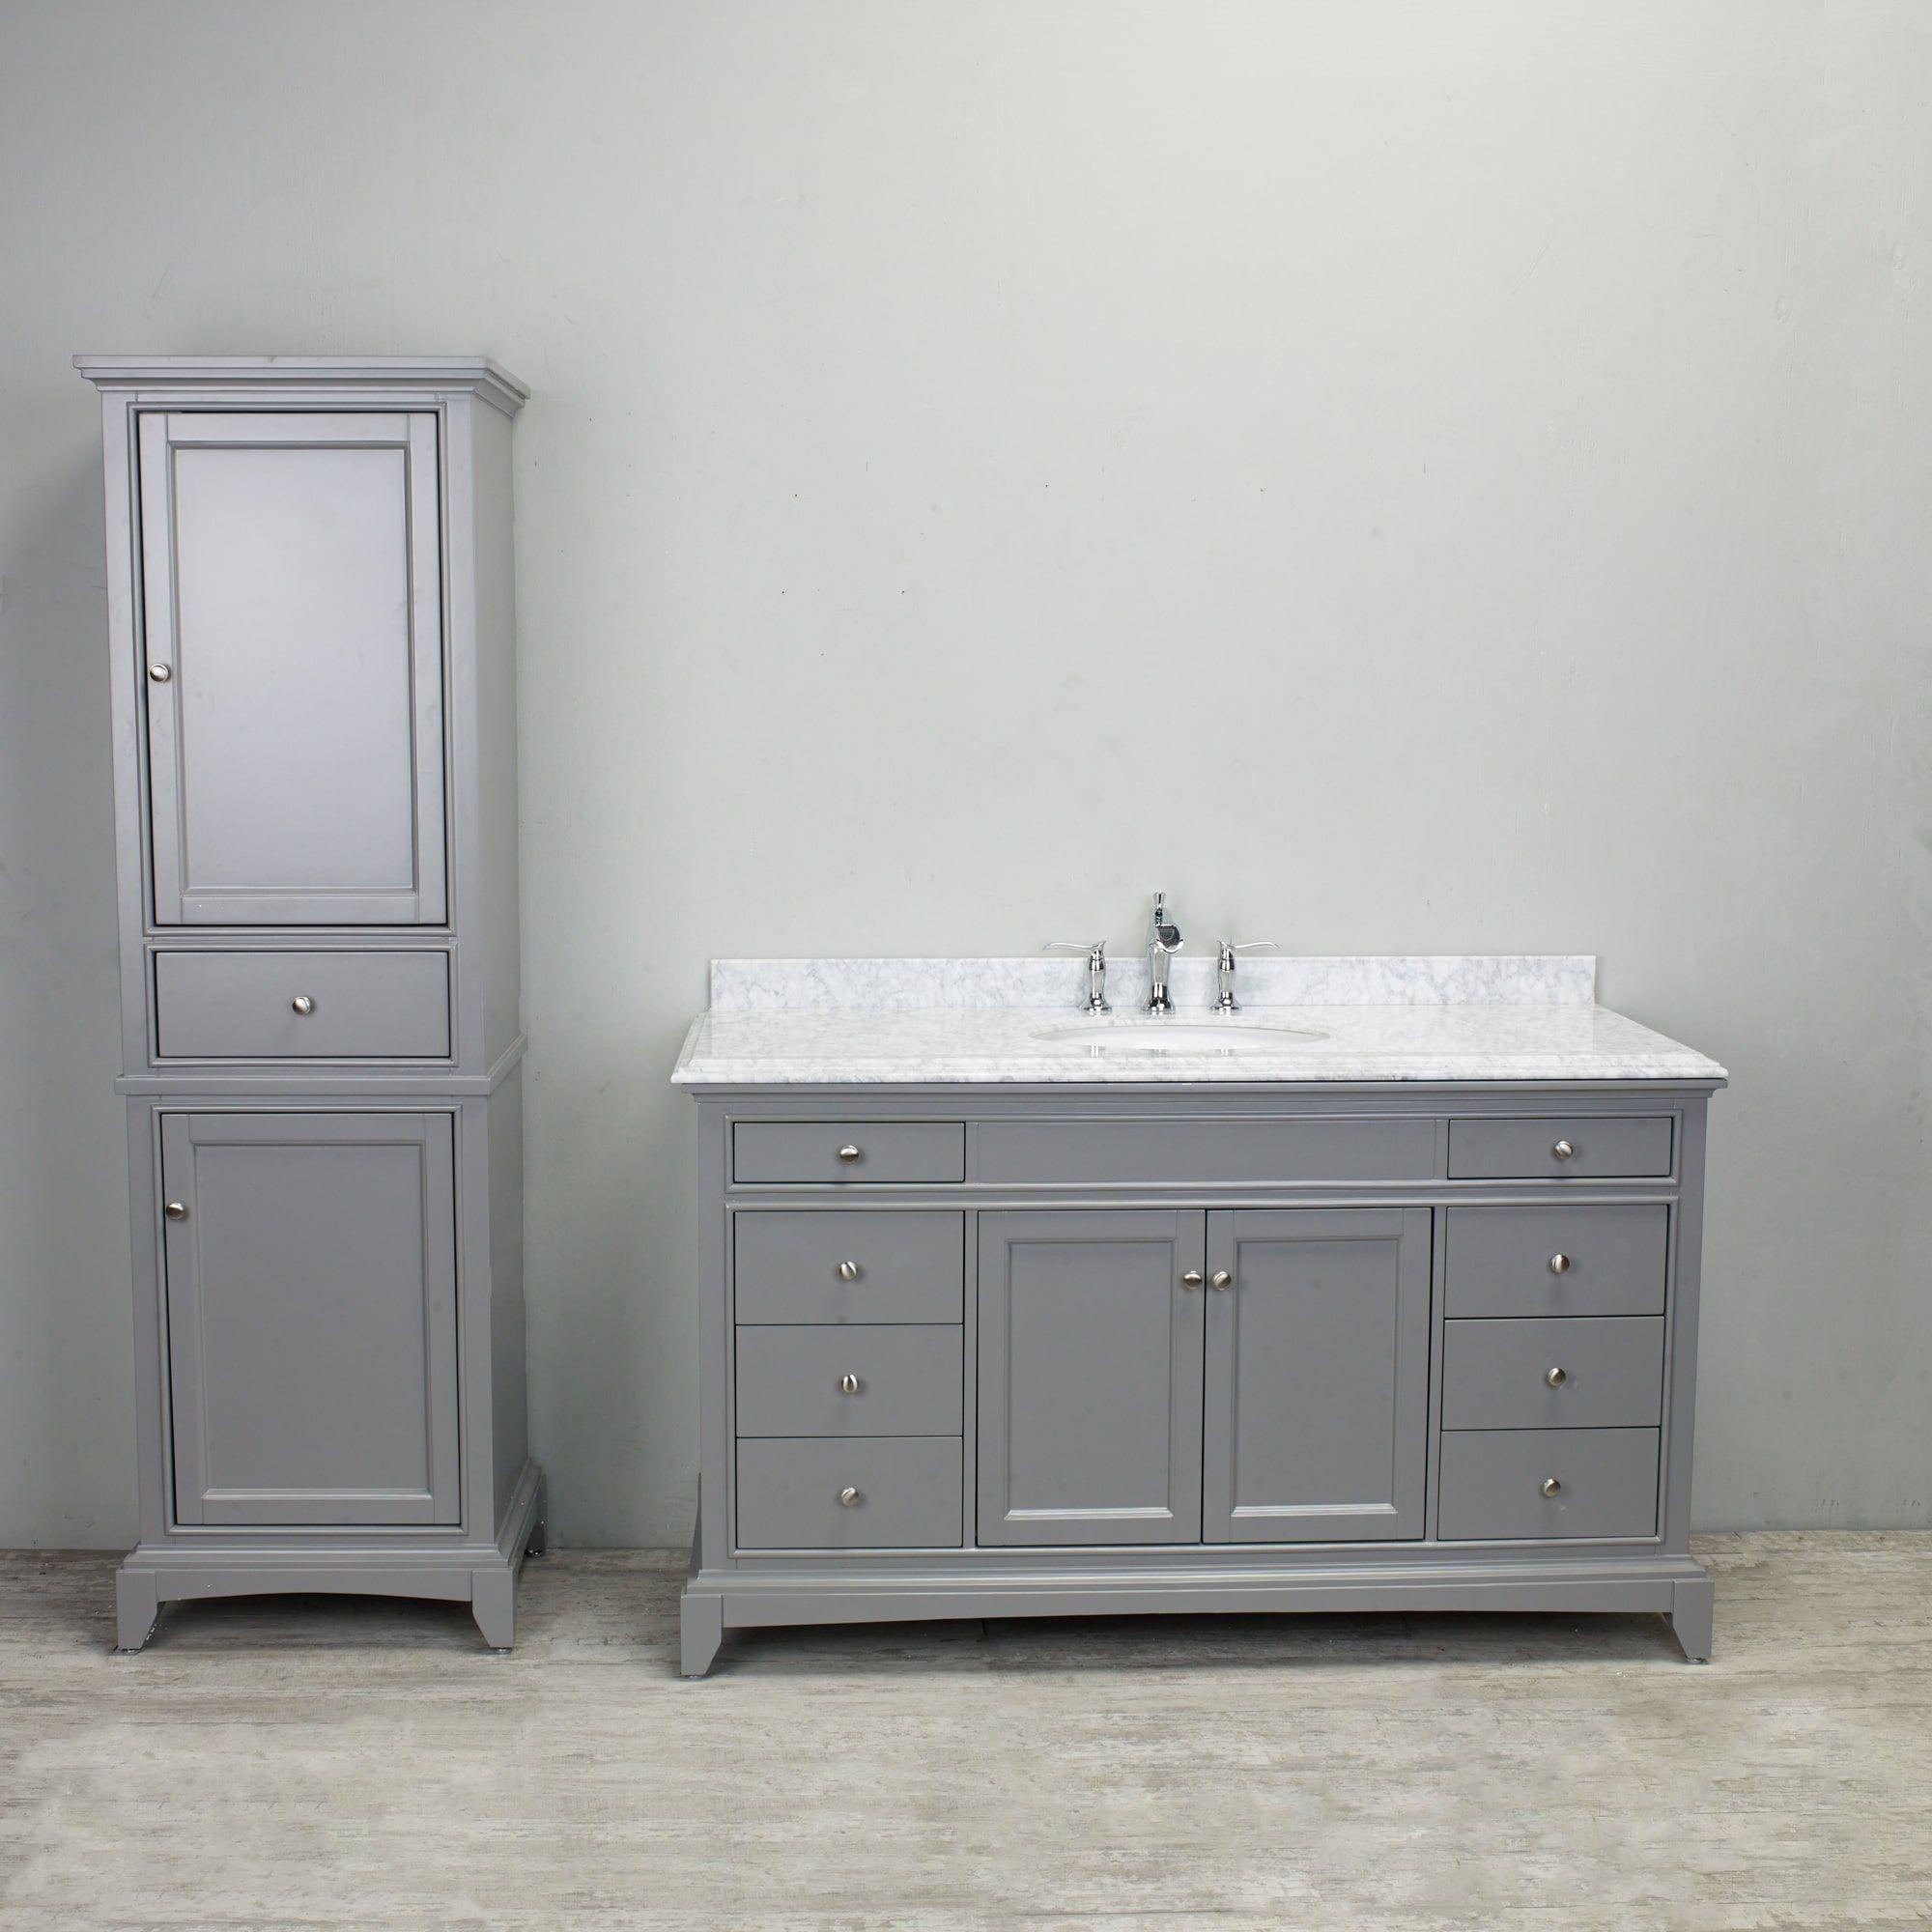 Eviva Elite Stamford Grey Solid Wood Bathroom Vanity With Double Carrera Marble Top Wood Bathroom Vanity Wood Bathroom Carrera Marble Bathroom